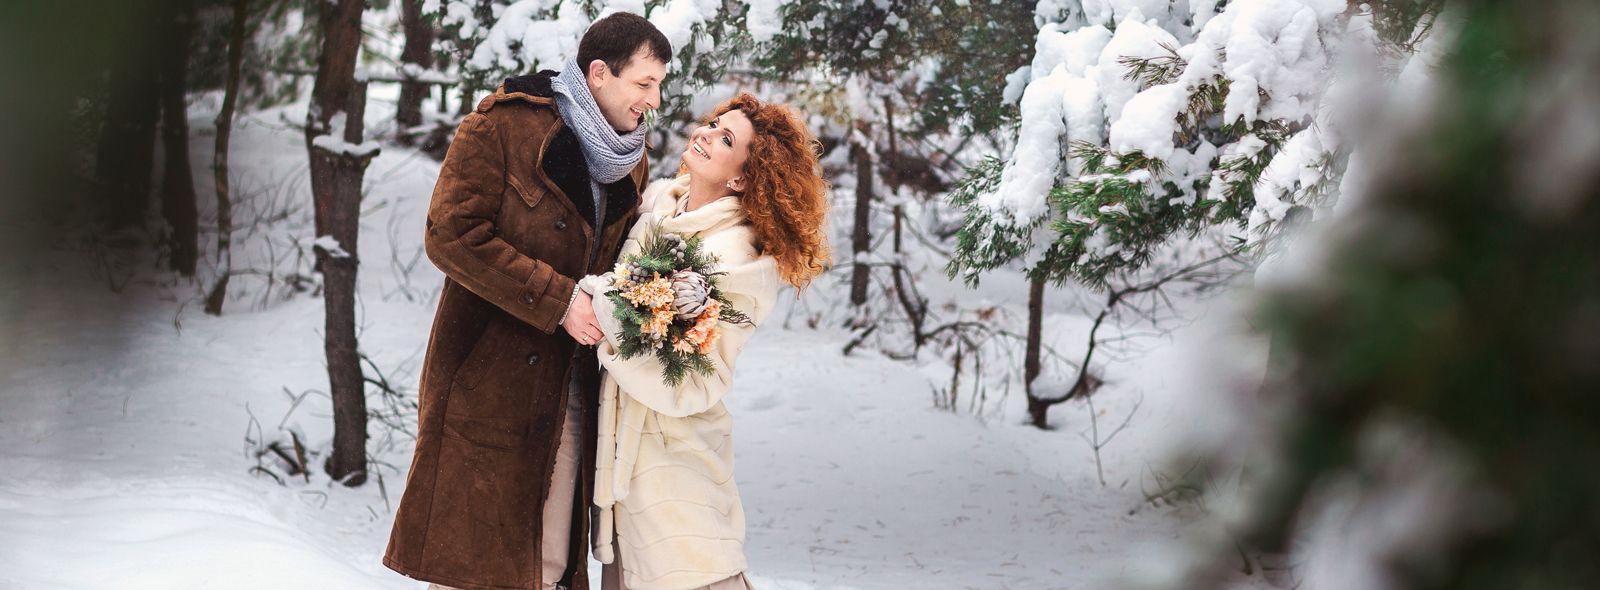 Viaggio di nozze in inverno, dove andare?